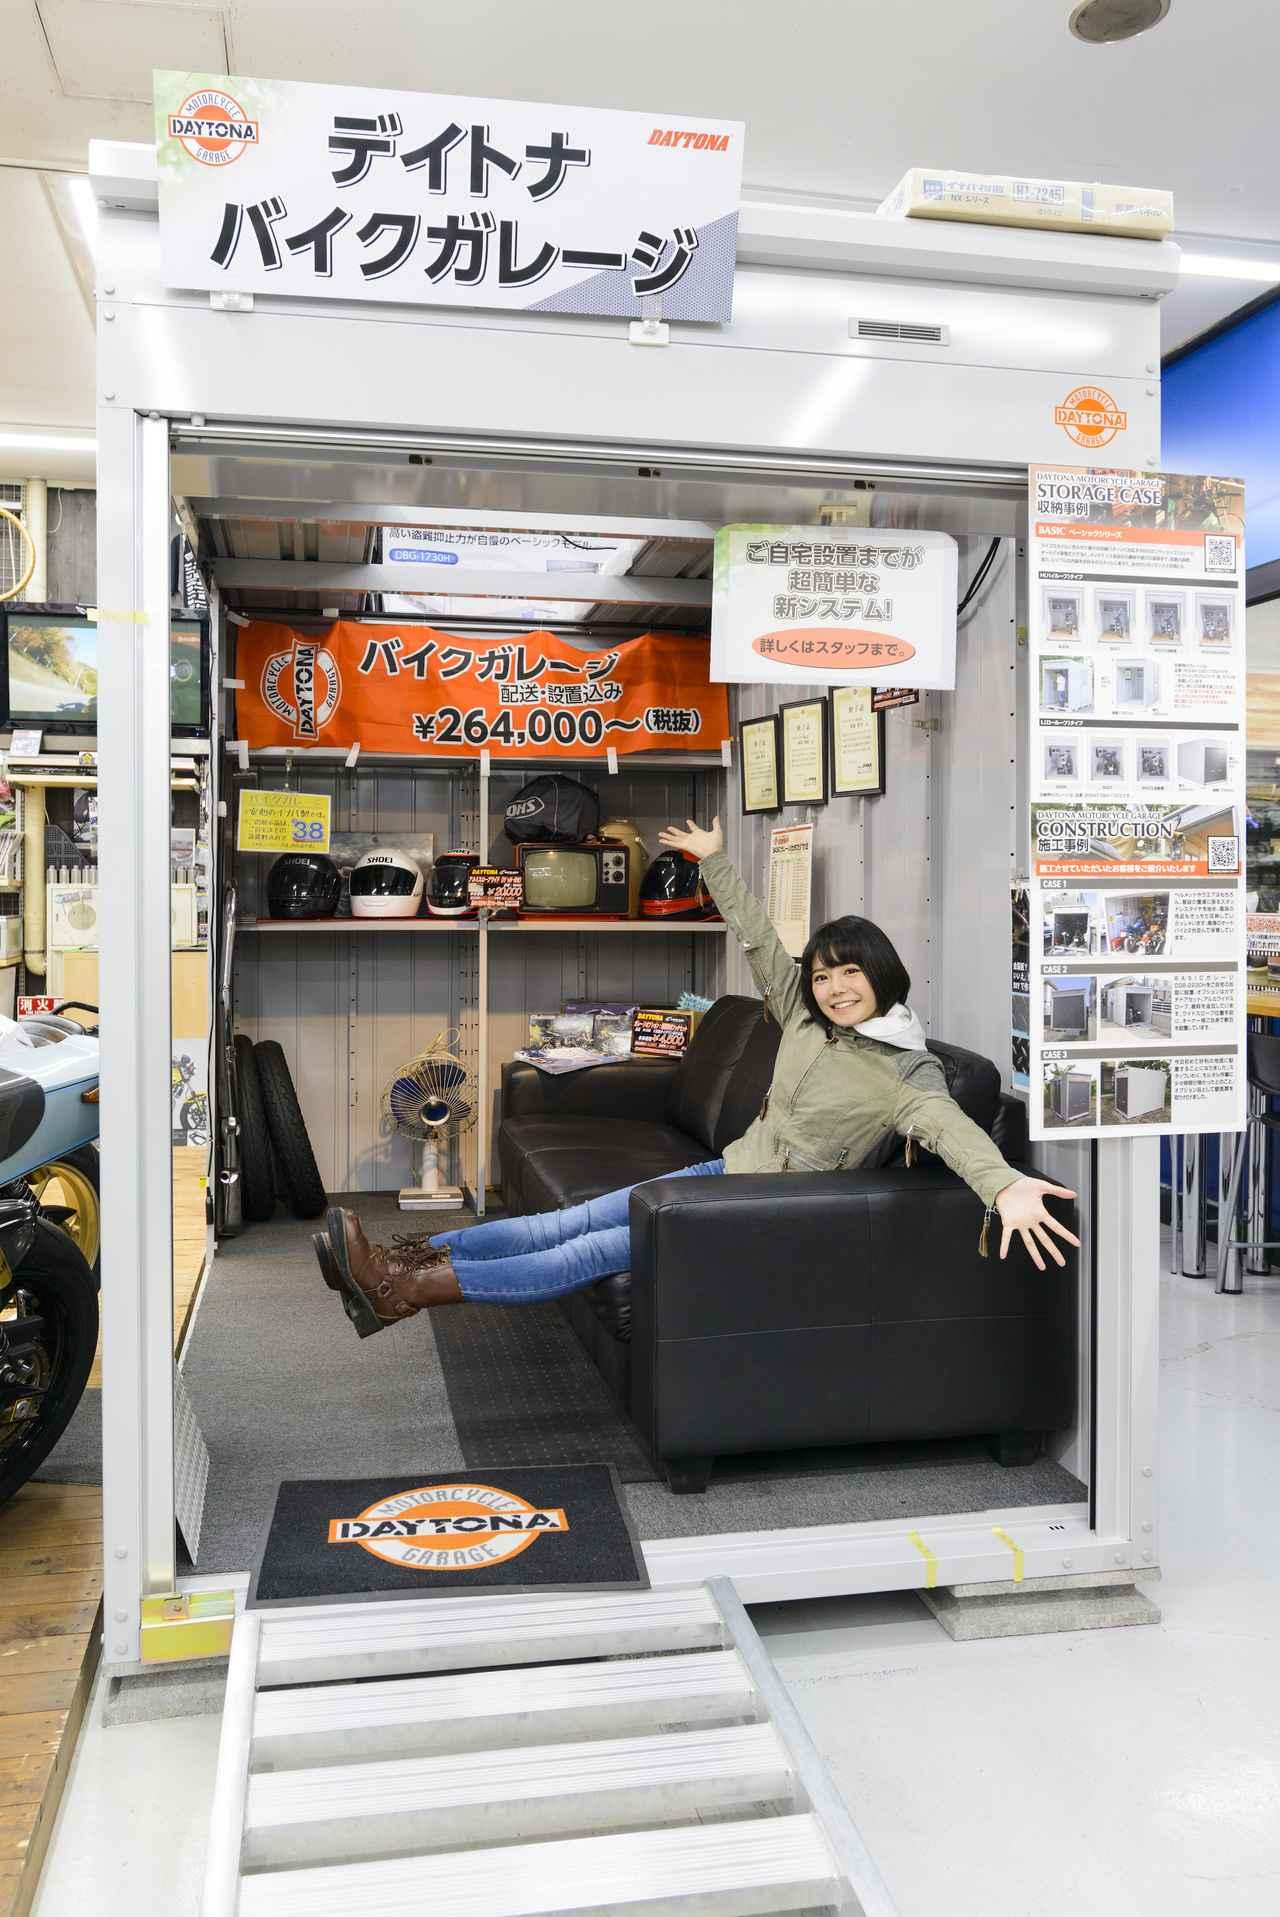 画像: 撮影したガレージはハイルーフタイプの「DBG-1730H」。外寸は幅1790mm×奥行3050mm×高さ2370mmで、大きめのソファーを入れてもこの通り! バイク1台分のスペースは確保されています!